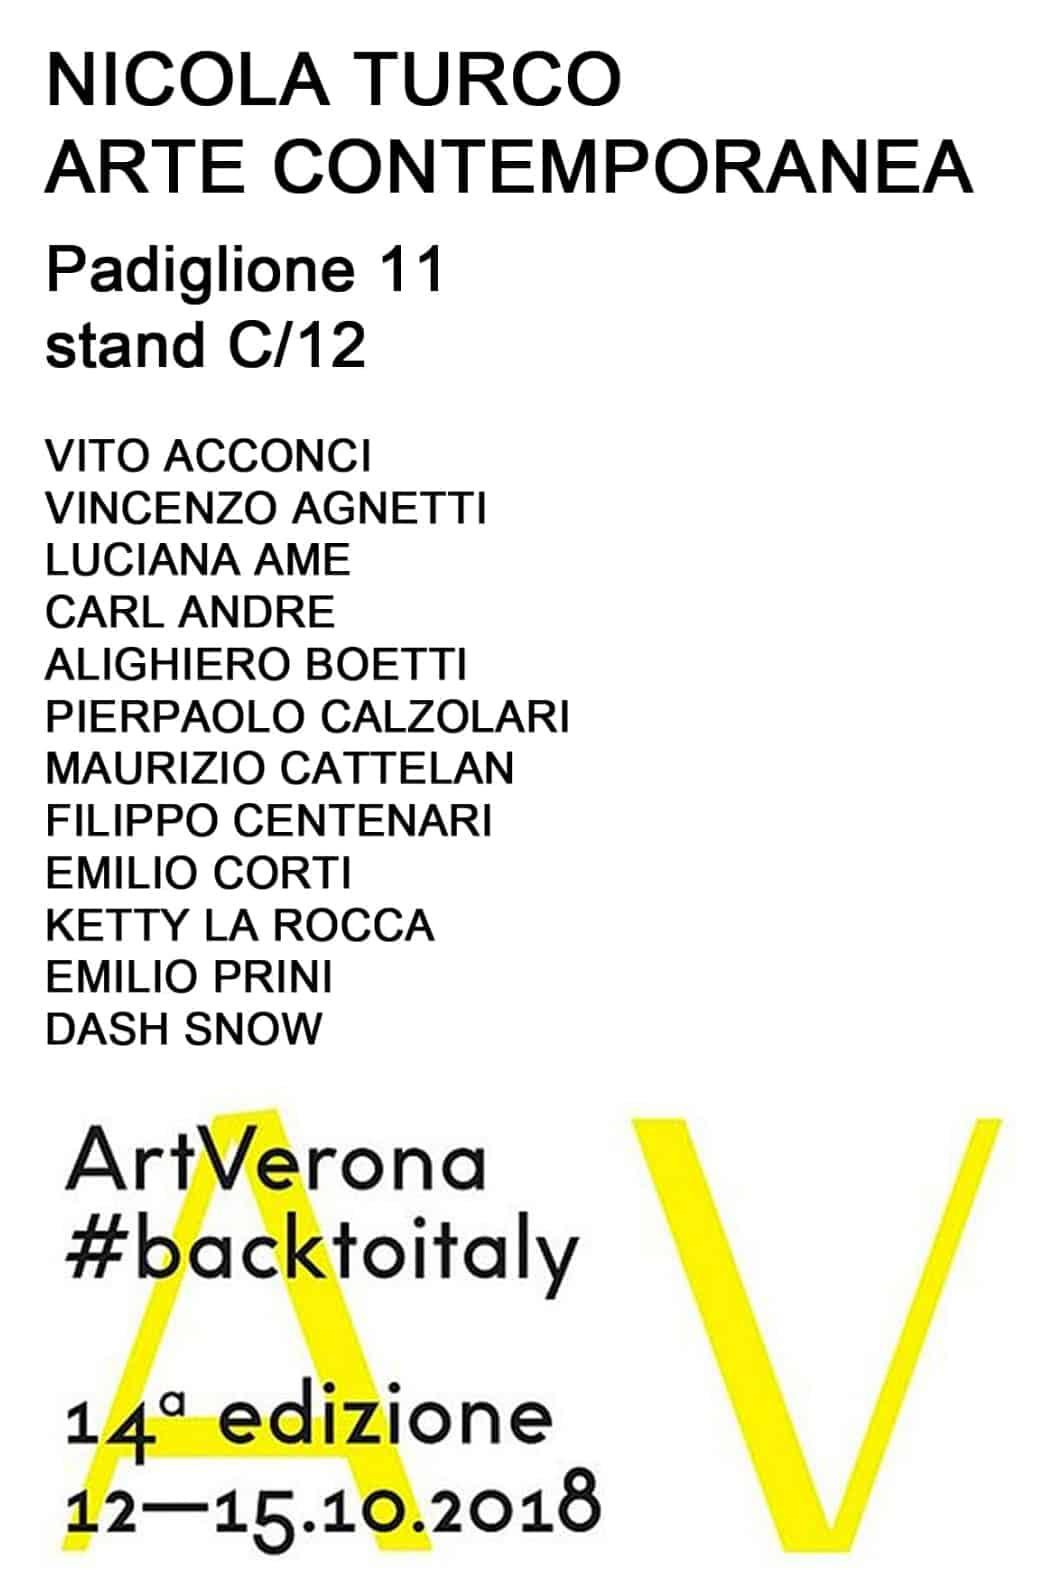 Filippo Centenari | Art Verona 2018 #backtoitaly